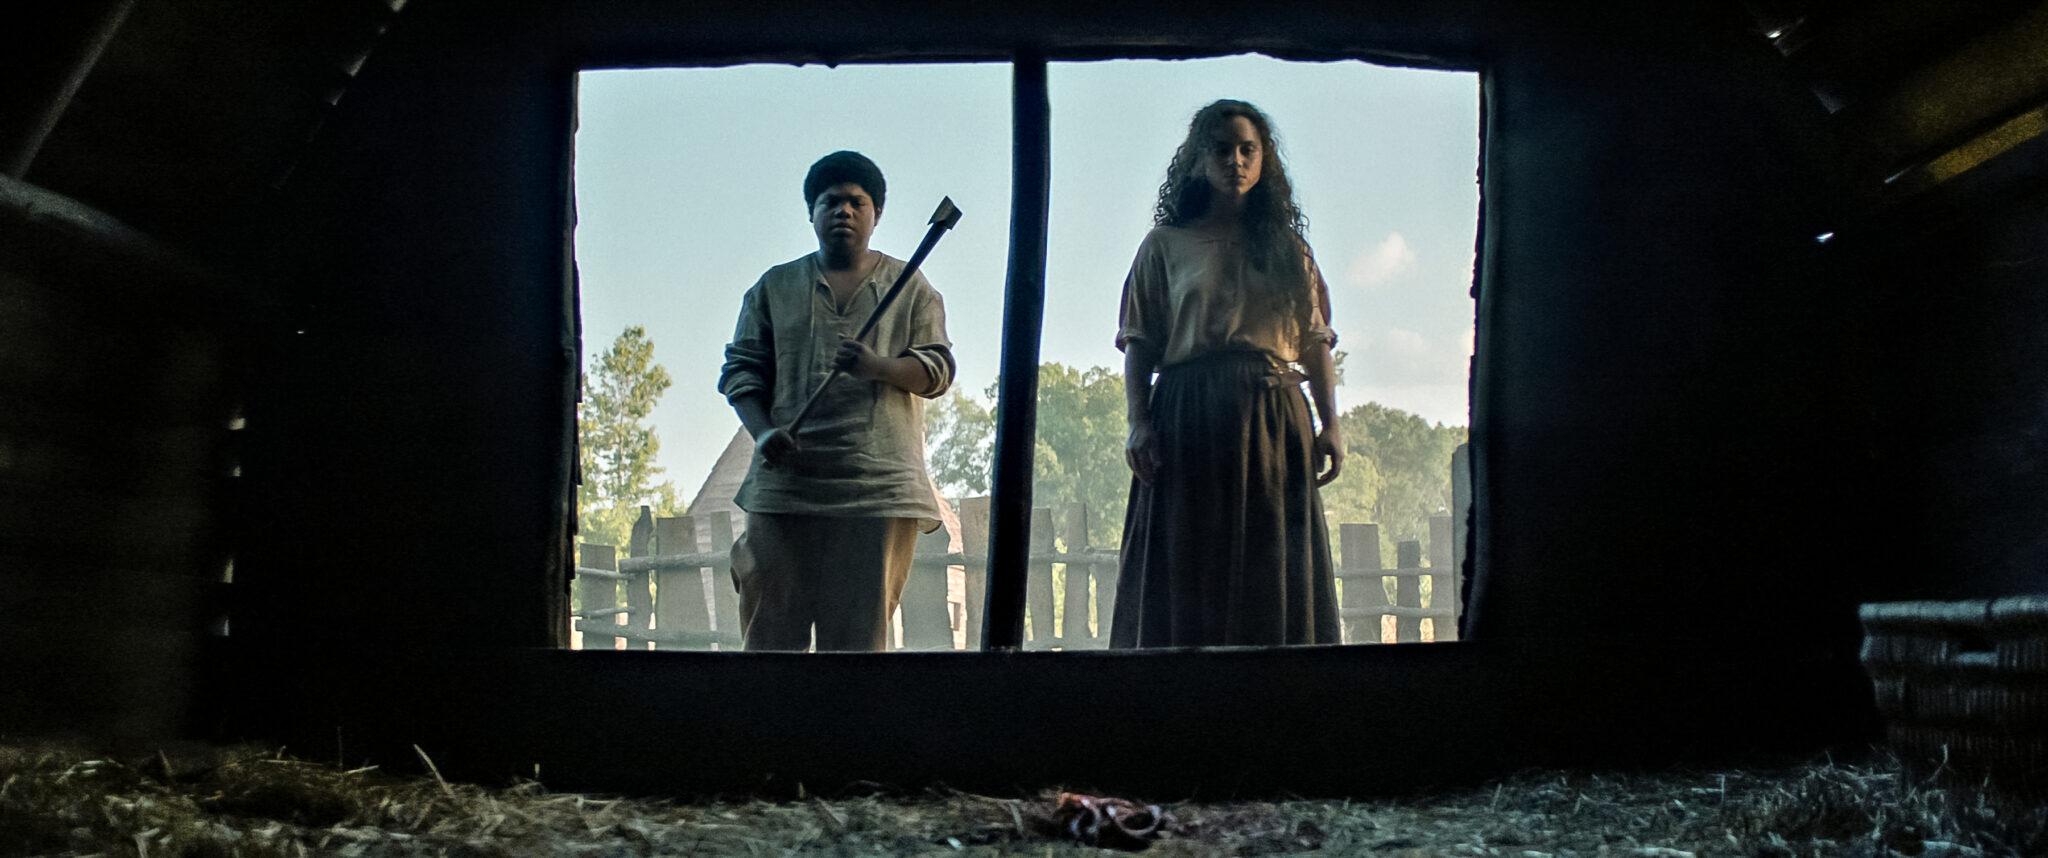 Henry (Benjamin Flores Jr. ) und Sarah Fier (Kiana Madeira) stehen vor einer Scheune und schauen nach innen. Er trägt eine Axt. Beide haben altertümliche Outfits an.